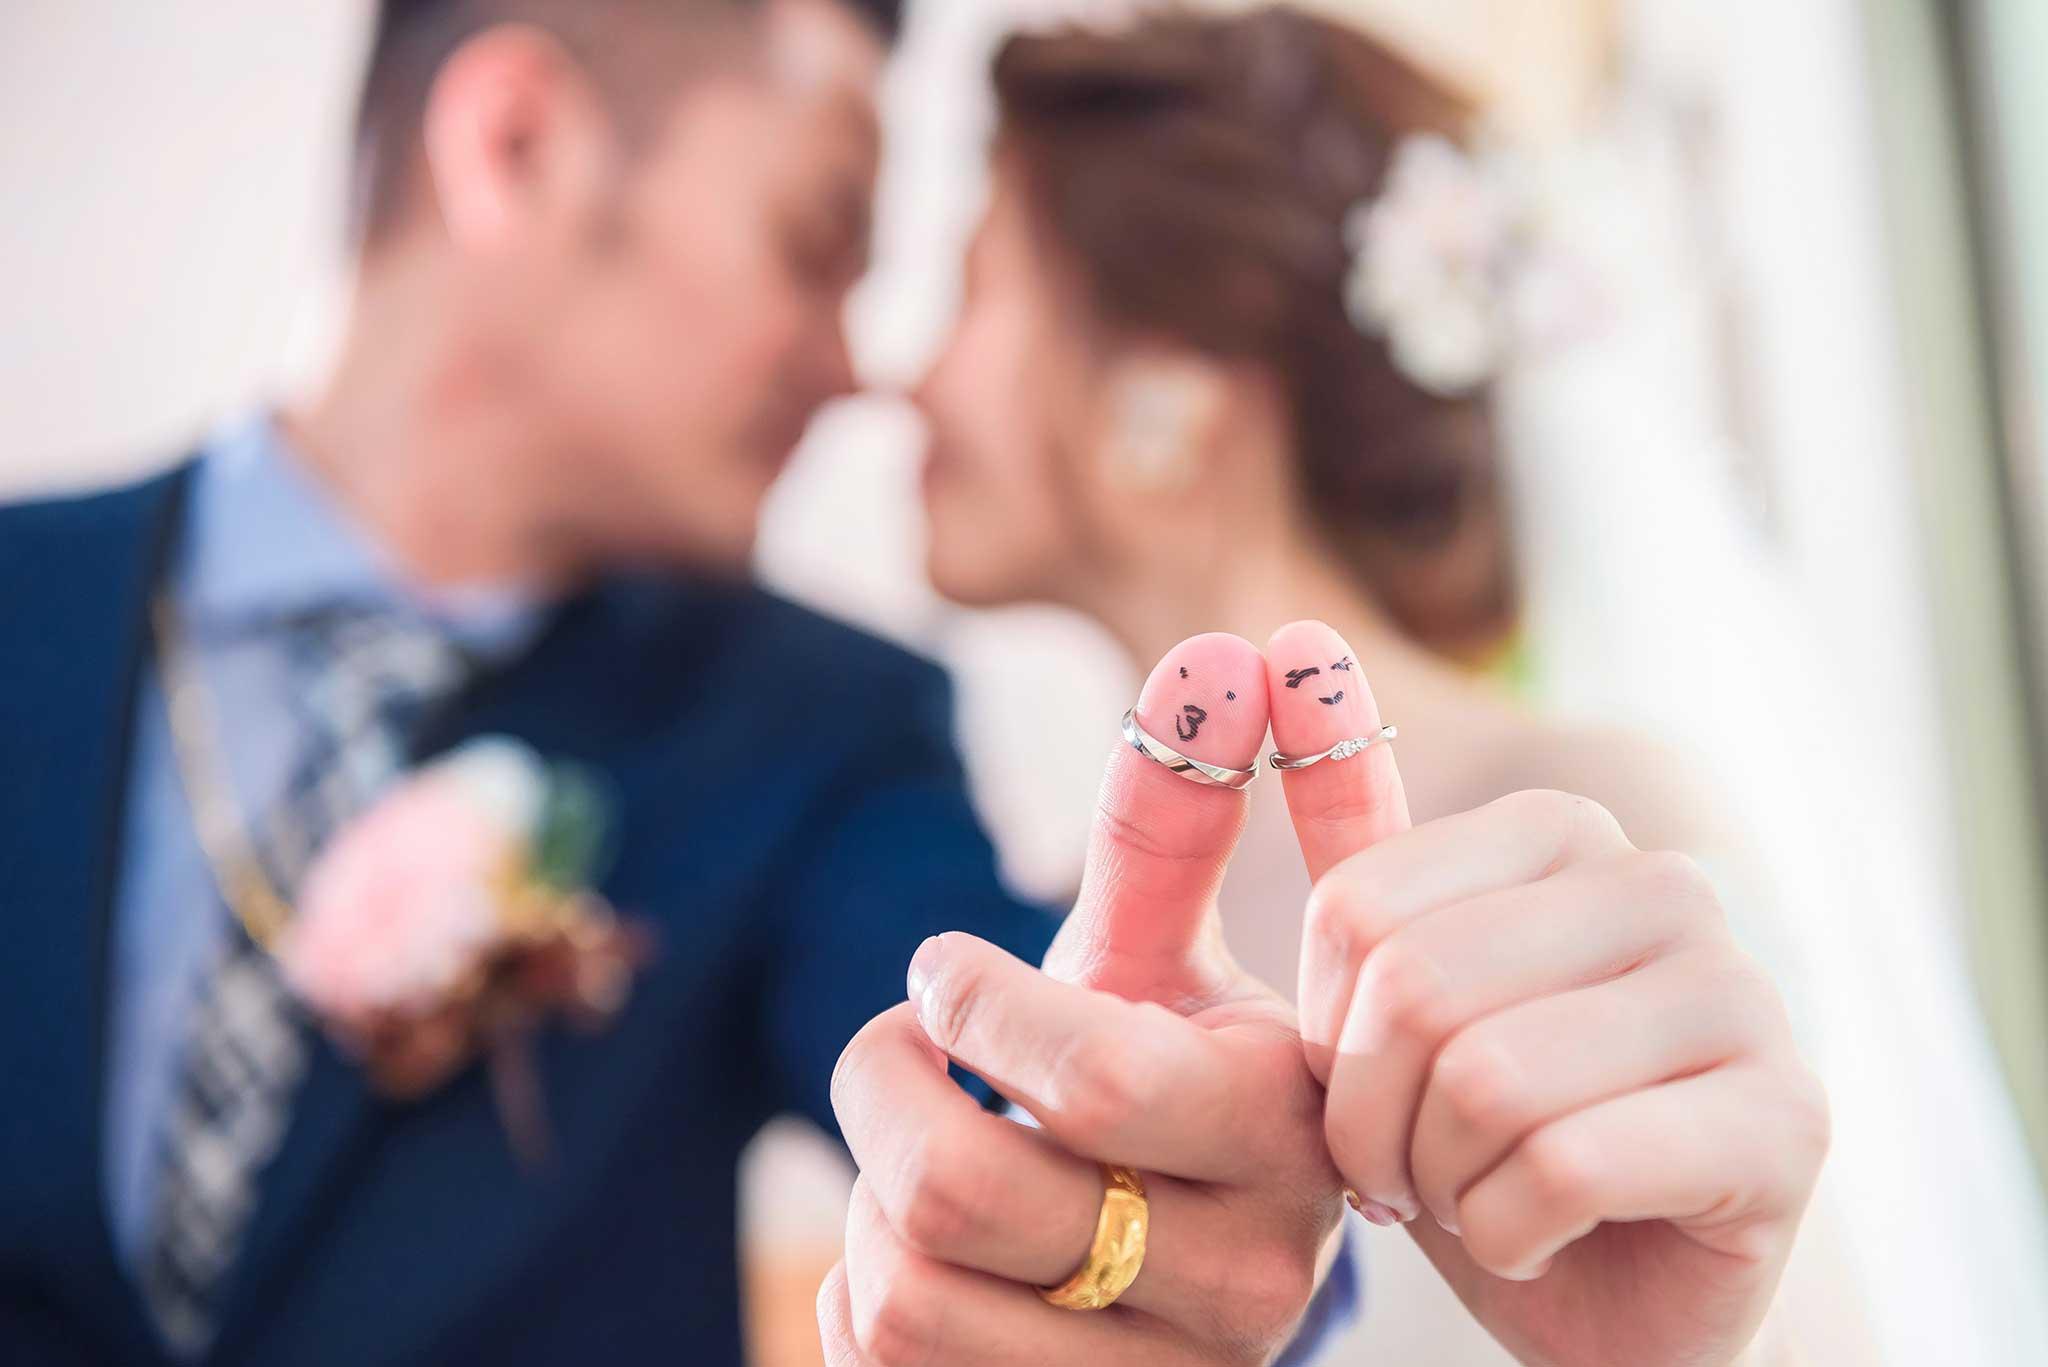 婚攝推薦 婚紗意境,親吻新娘